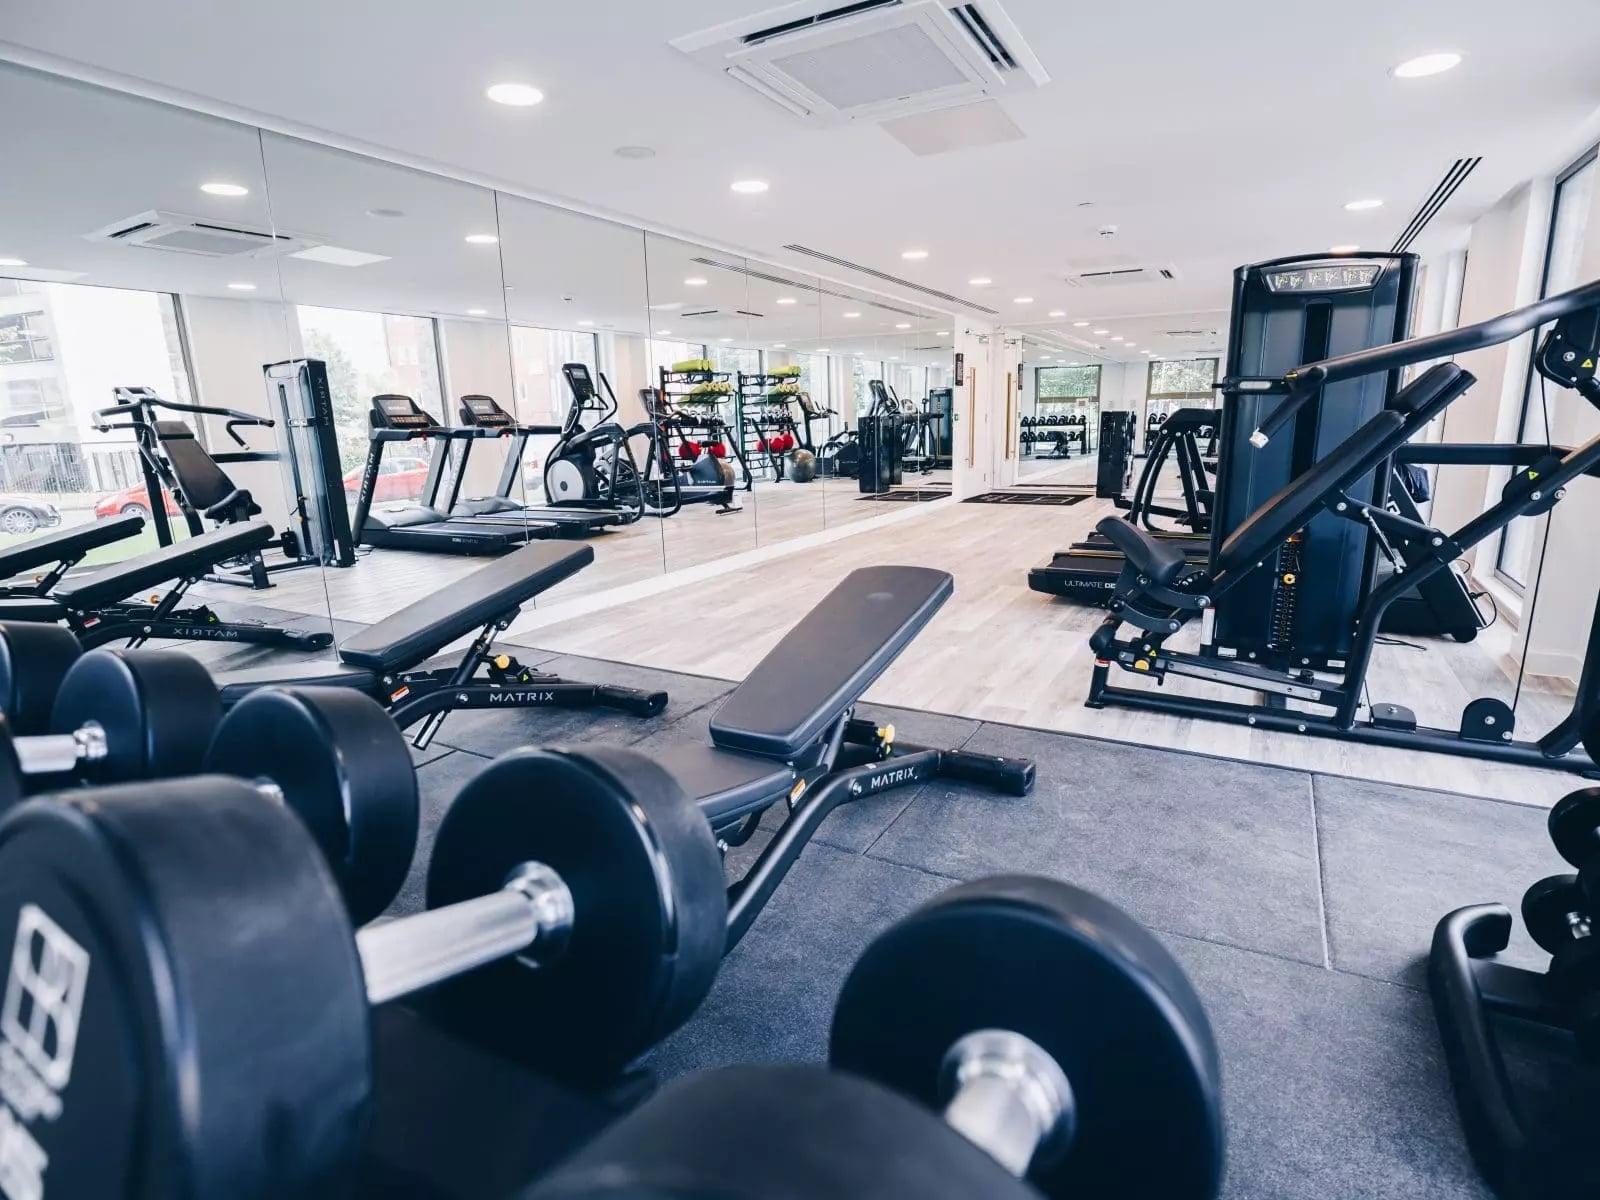 burlington-square-gym-room